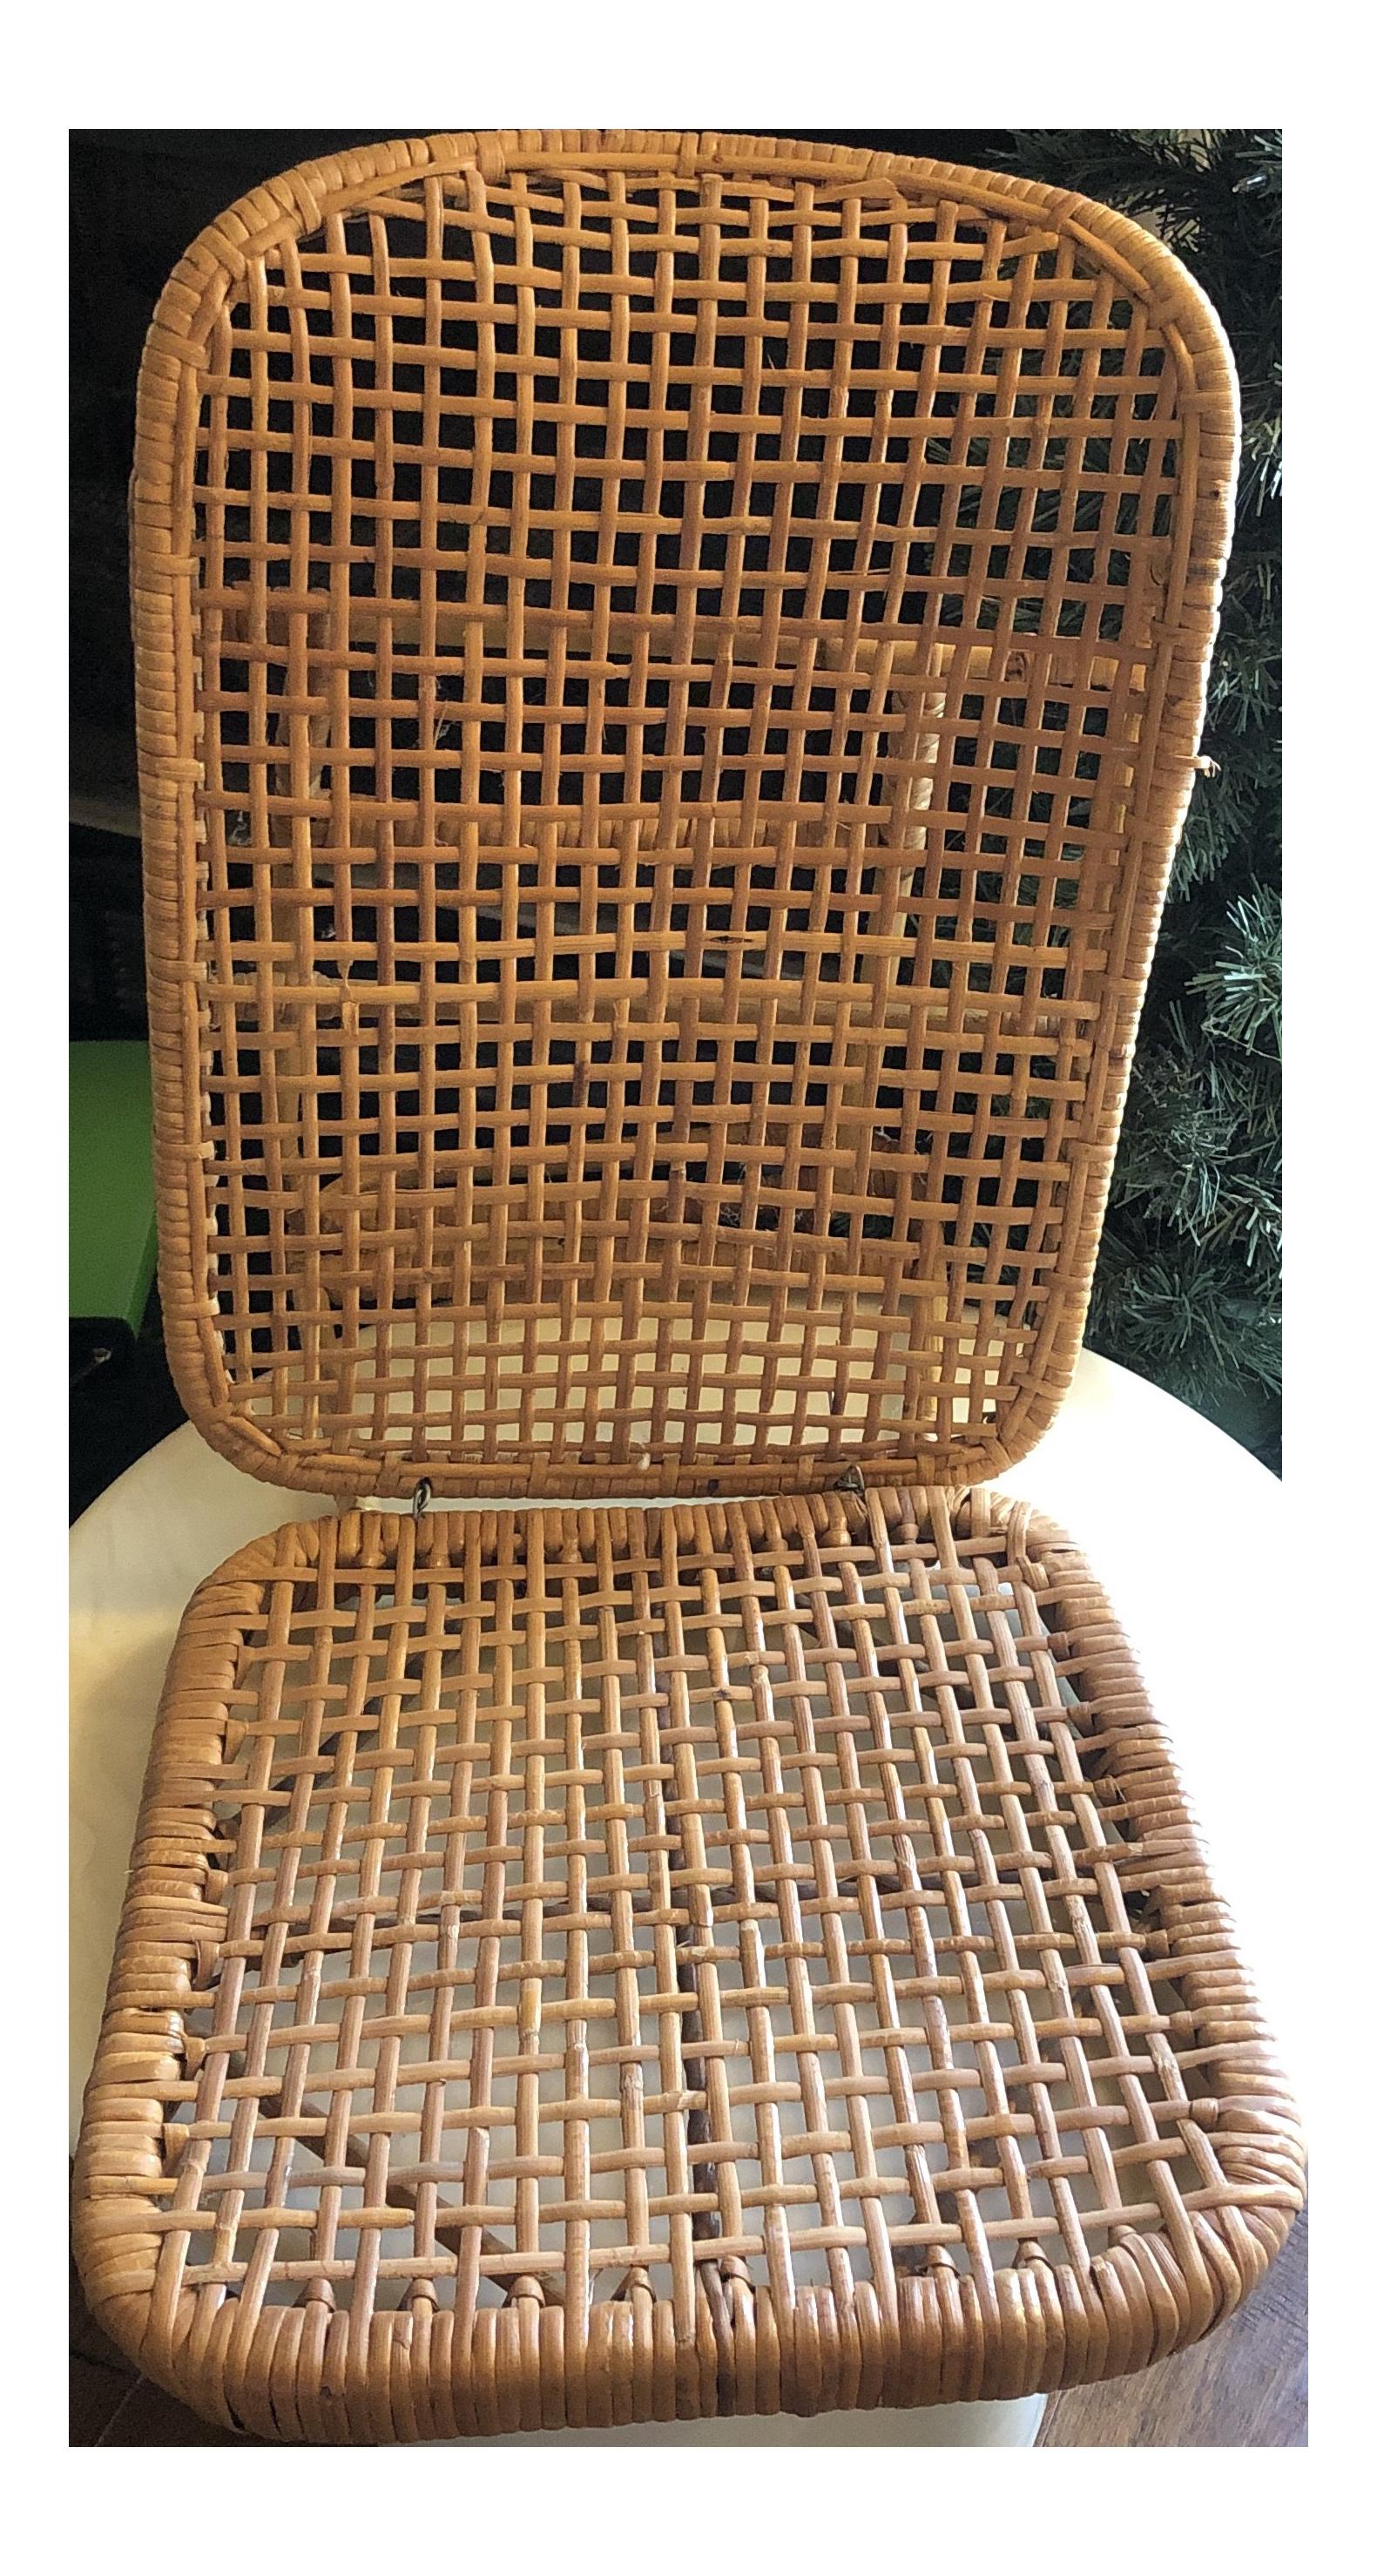 1950 S Vintage Wicker Rattan Folding Chair